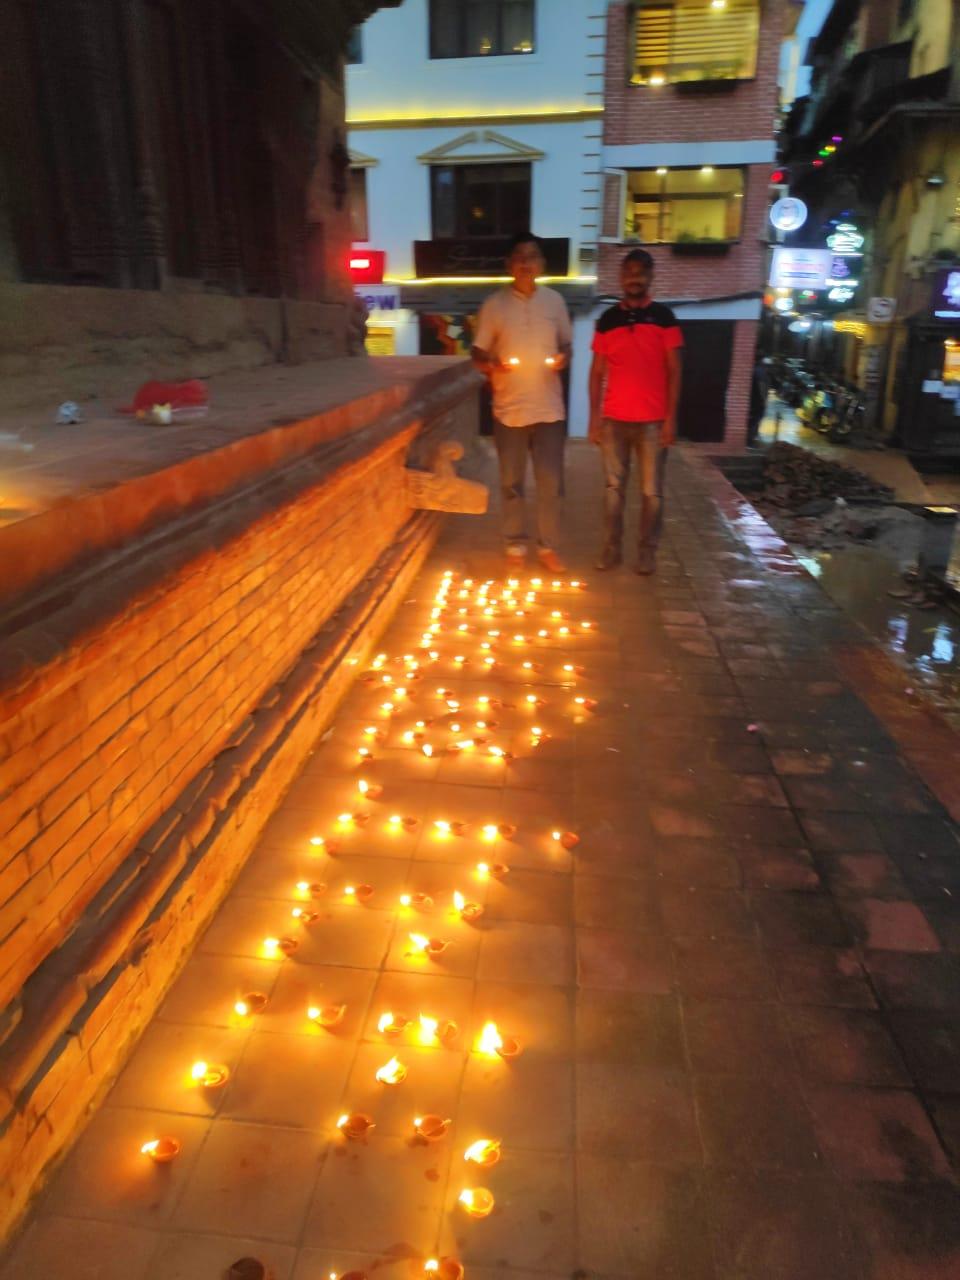 राम मन्दिर शिलान्यासको अबसर नेपालको विभिन्न जिल्लामा दीप उत्सब